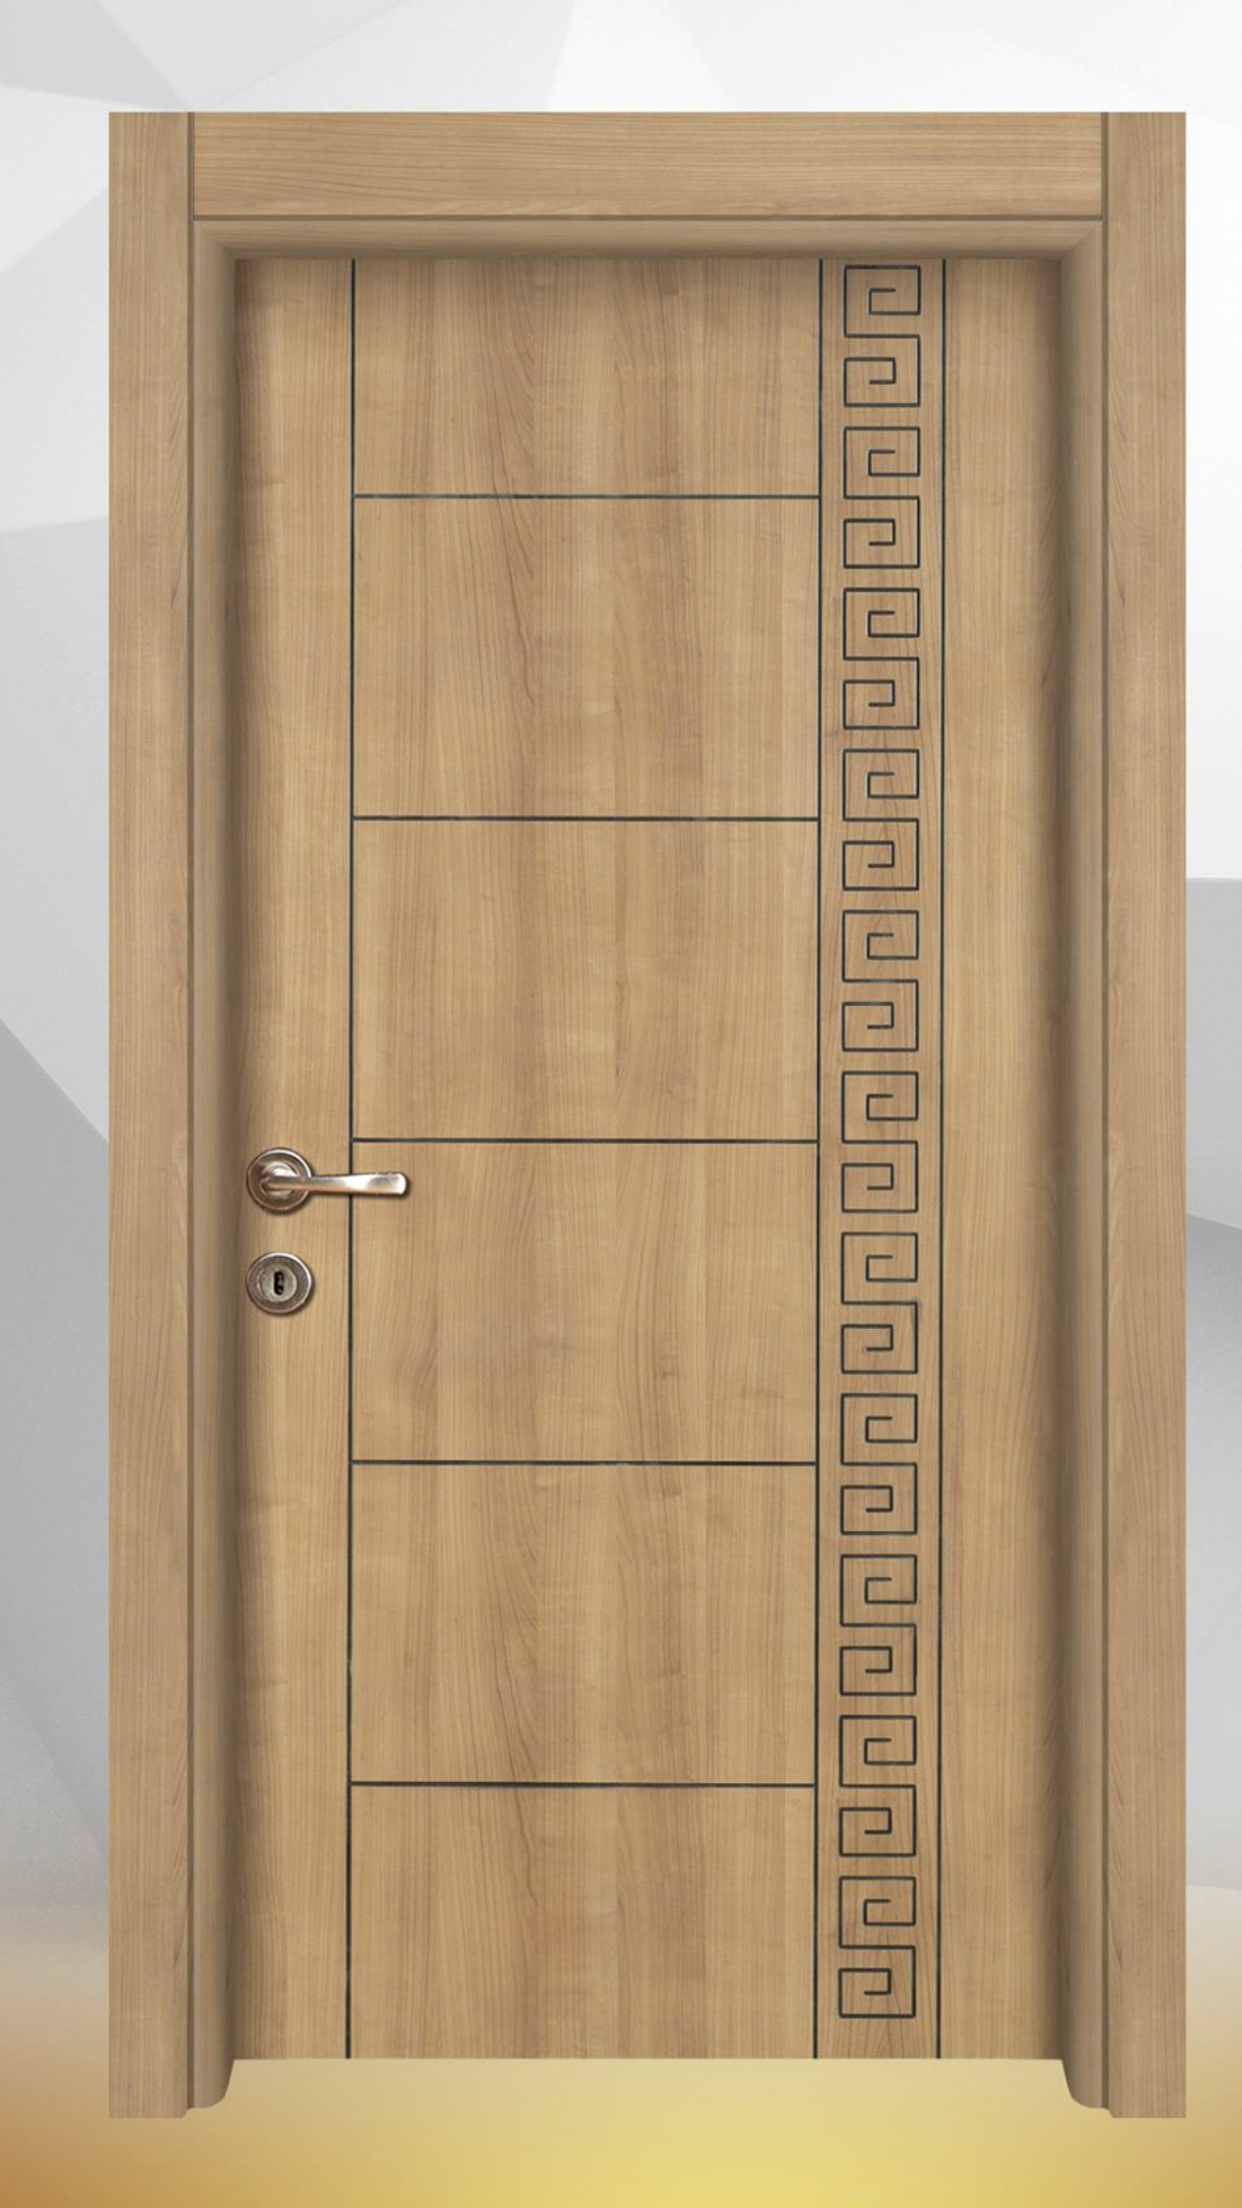 Prehung Interior Doors Wood Screen Doors Internal White Doors Sale 20190521 Wooden Doors Interior Flush Door Design Doors Interior Modern